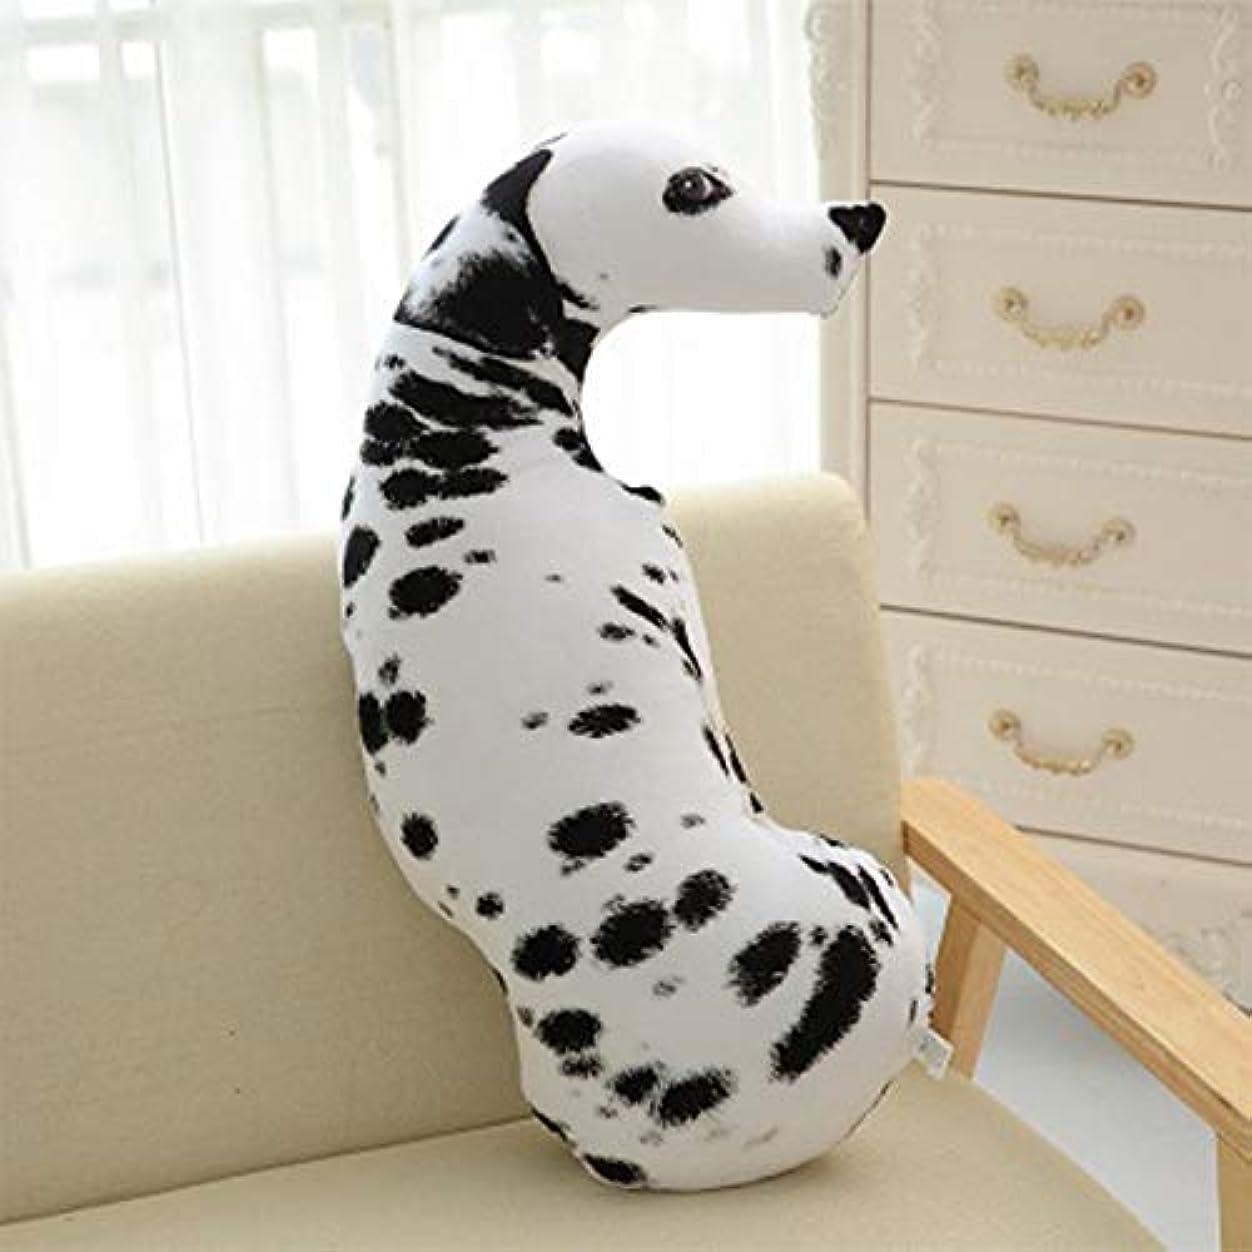 であることコンチネンタル抱擁LIFE 3D プリントシミュレーション犬ぬいぐるみクッションぬいぐるみ犬ぬいぐるみ枕ぬいぐるみの漫画クッションキッズ人形ベストギフト クッション 椅子